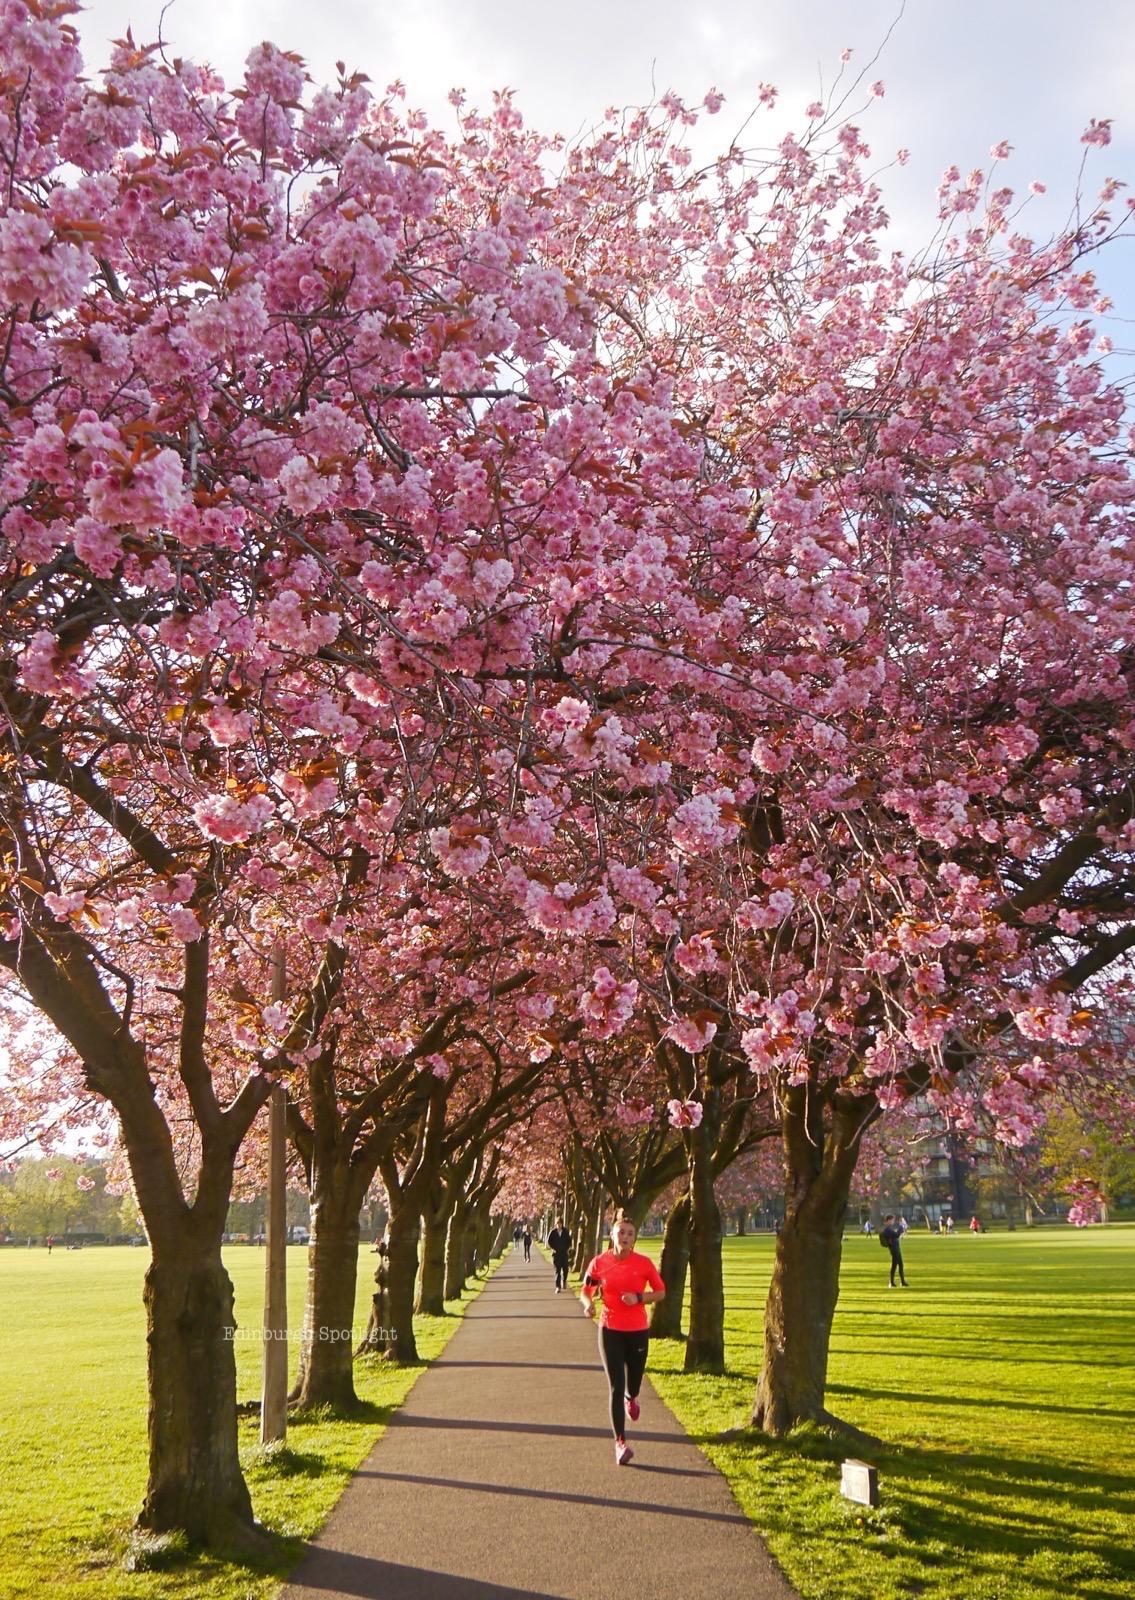 Meadows blossom